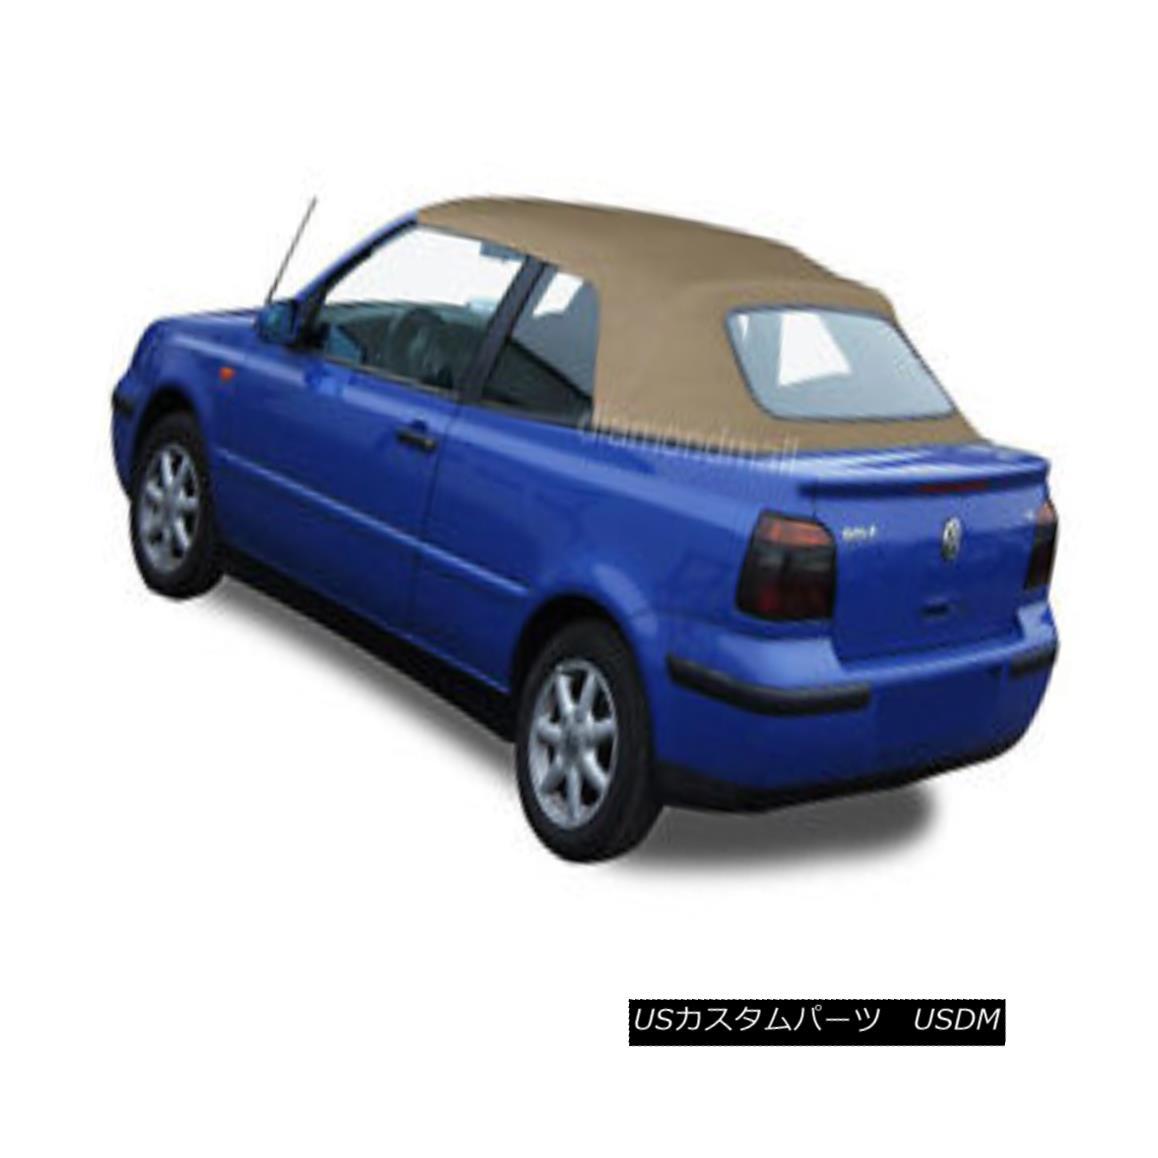 幌・ソフトトップ VW Volkswagen Golf Cabrio Cabriolet 1995-2001 Convertible Soft Top Tan German VWフォルクスワーゲンゴルフCabrio Cabriolet 1995-2001コンバーチブルソフトトップタンドイツ語